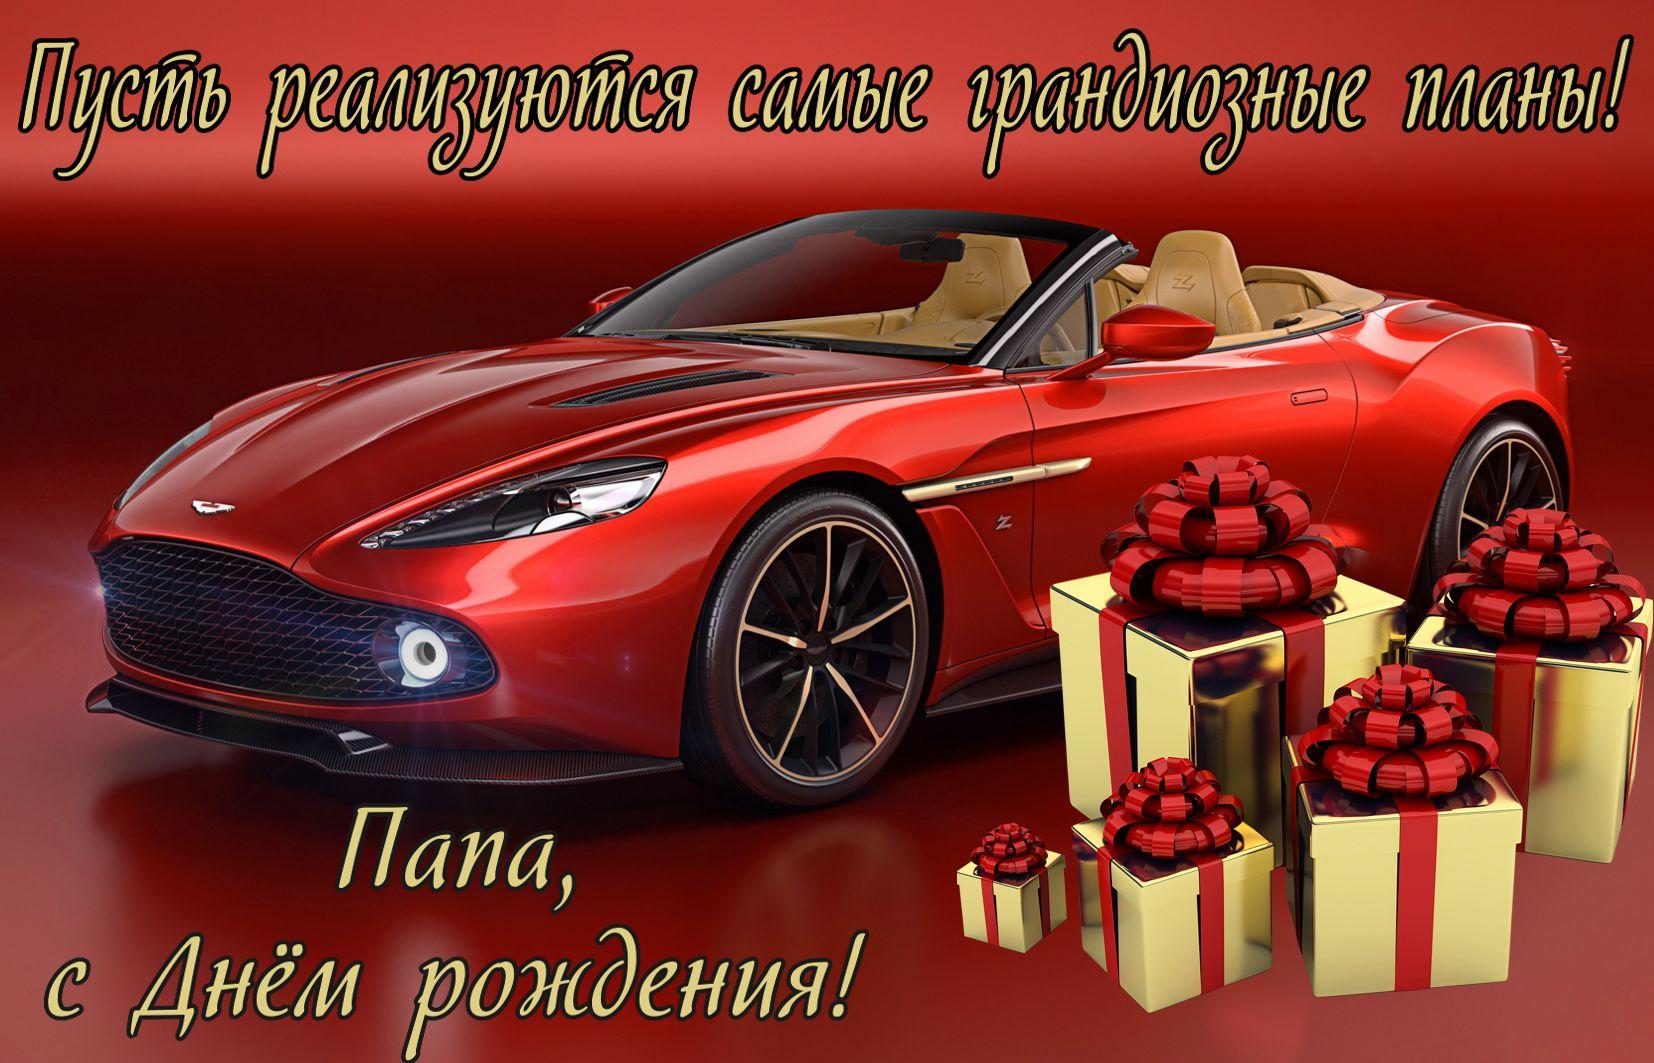 Открытка на День рождения папе - красная спортивная машина и подарки